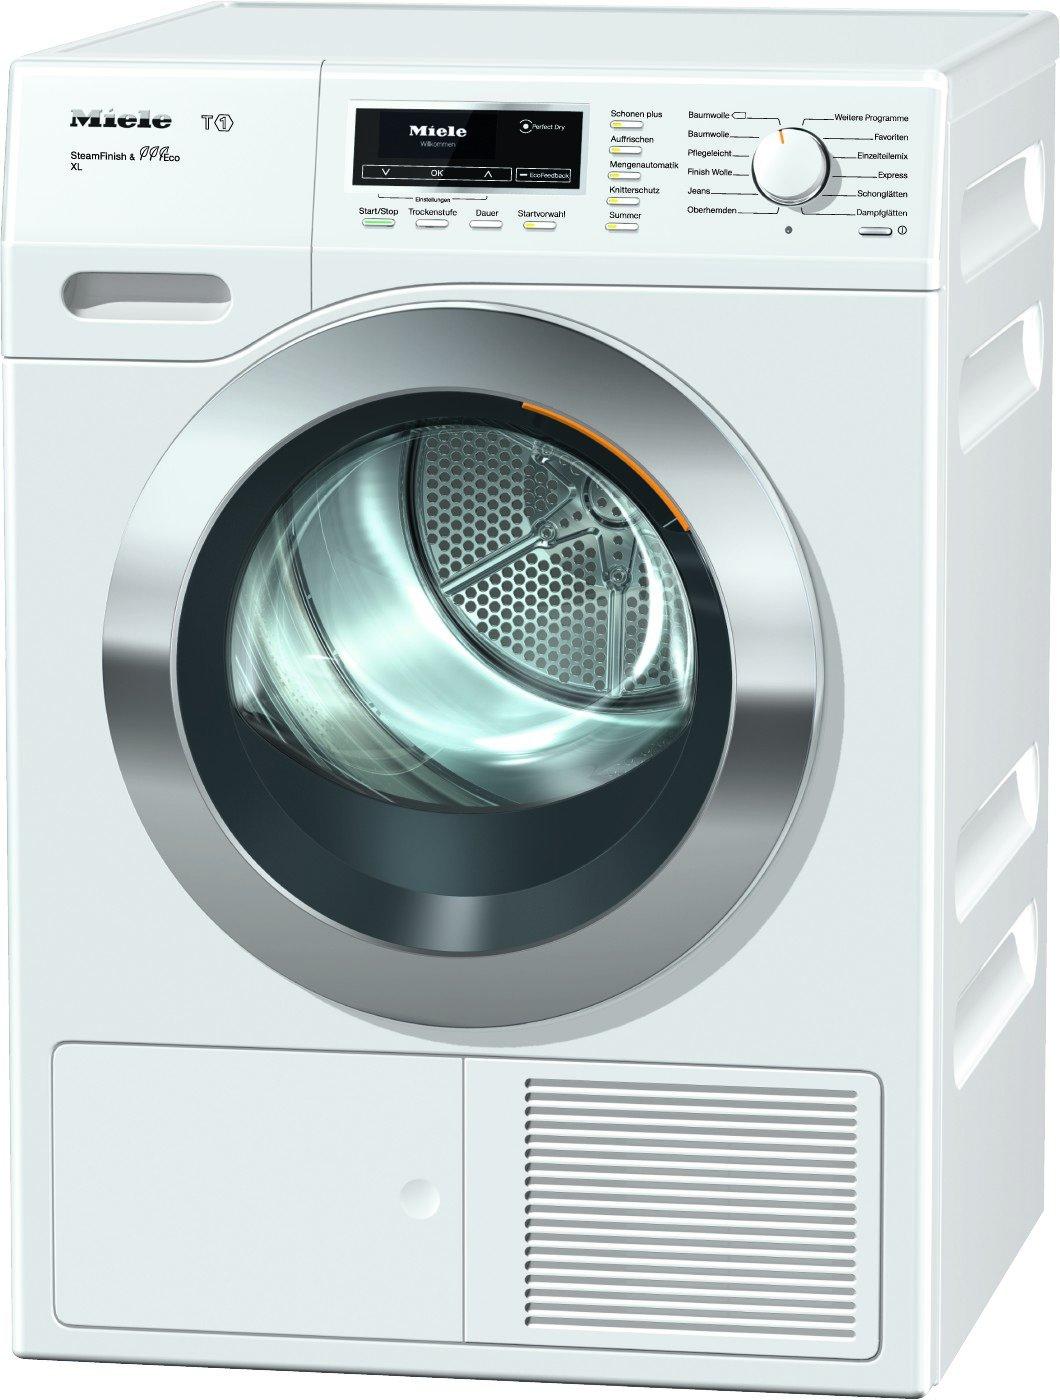 Miele-TKR-850-WP-Wrmepumpentrockner-Energieklasse-A-193kWhJahr-9kg-Schontrommel-Dampffunktion-zum-Vorbgeln-der-Wsche-Duftflakon-fr-frisch-duftende-Wsche-Startvorwahl-Knitterschutz